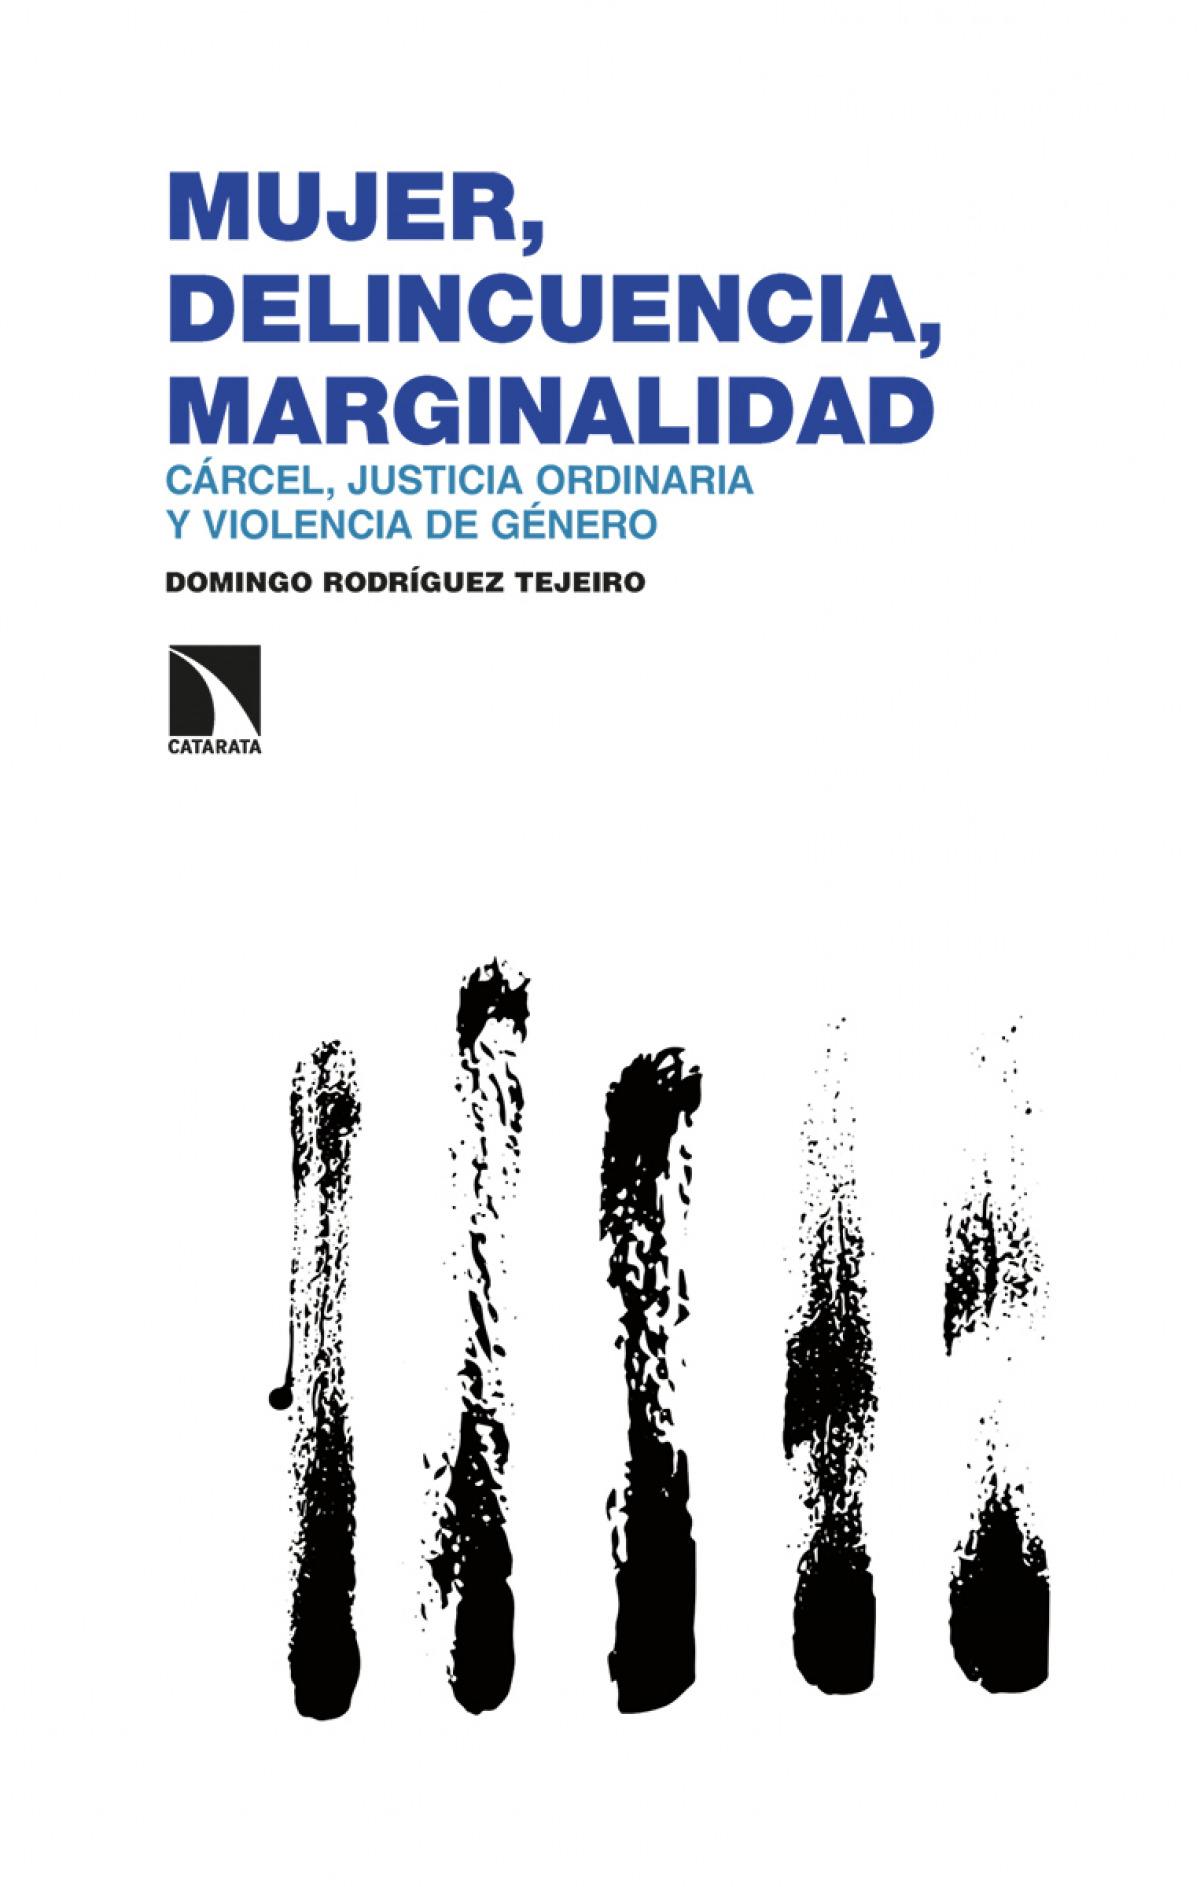 Mujer, delincuencia, marginalidad